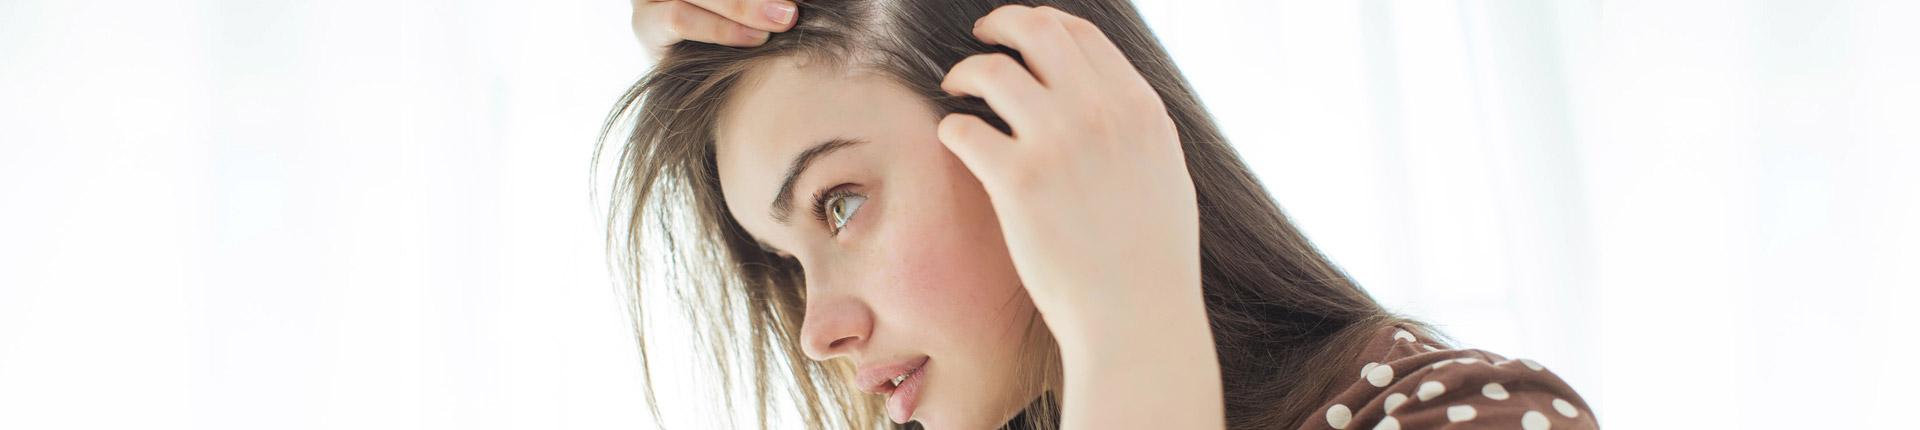 Wypadanie włosów - przyczyny, zapobieganie